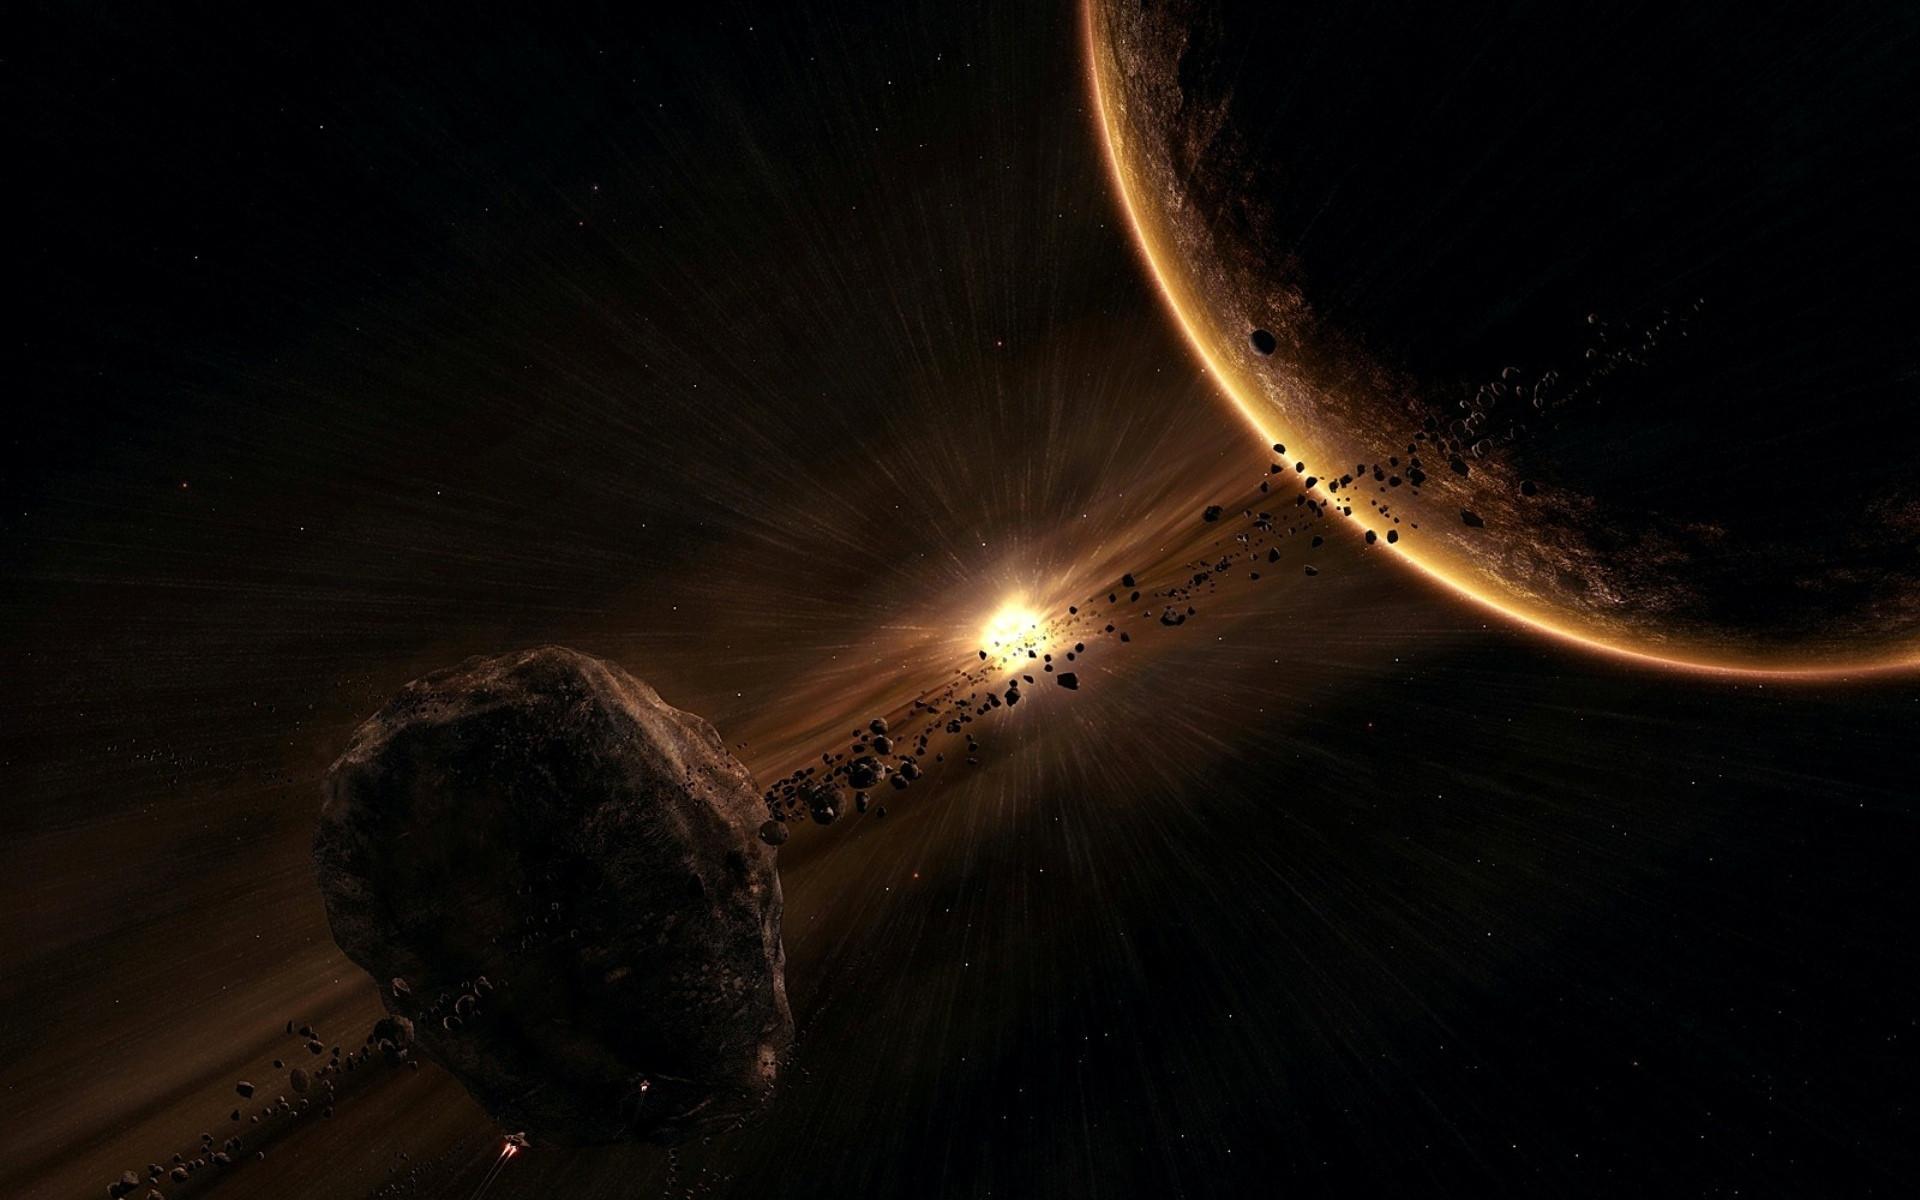 обои Планета и астероидный спутник, планета, взрыв звезды, космический корабль картинки фото